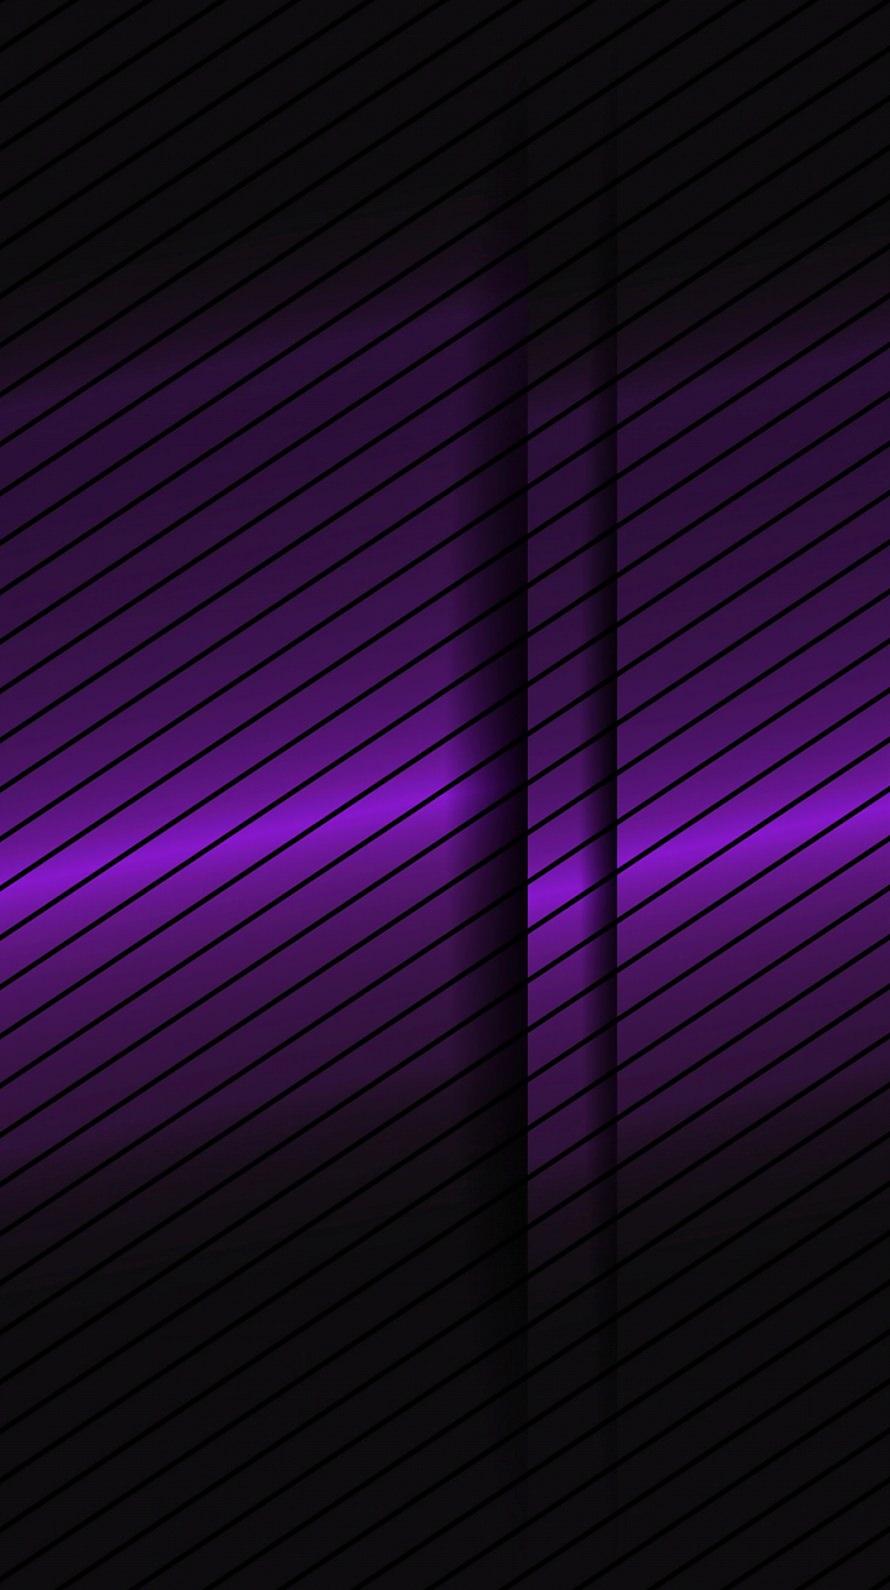 段差のある紫 iPhone6壁紙